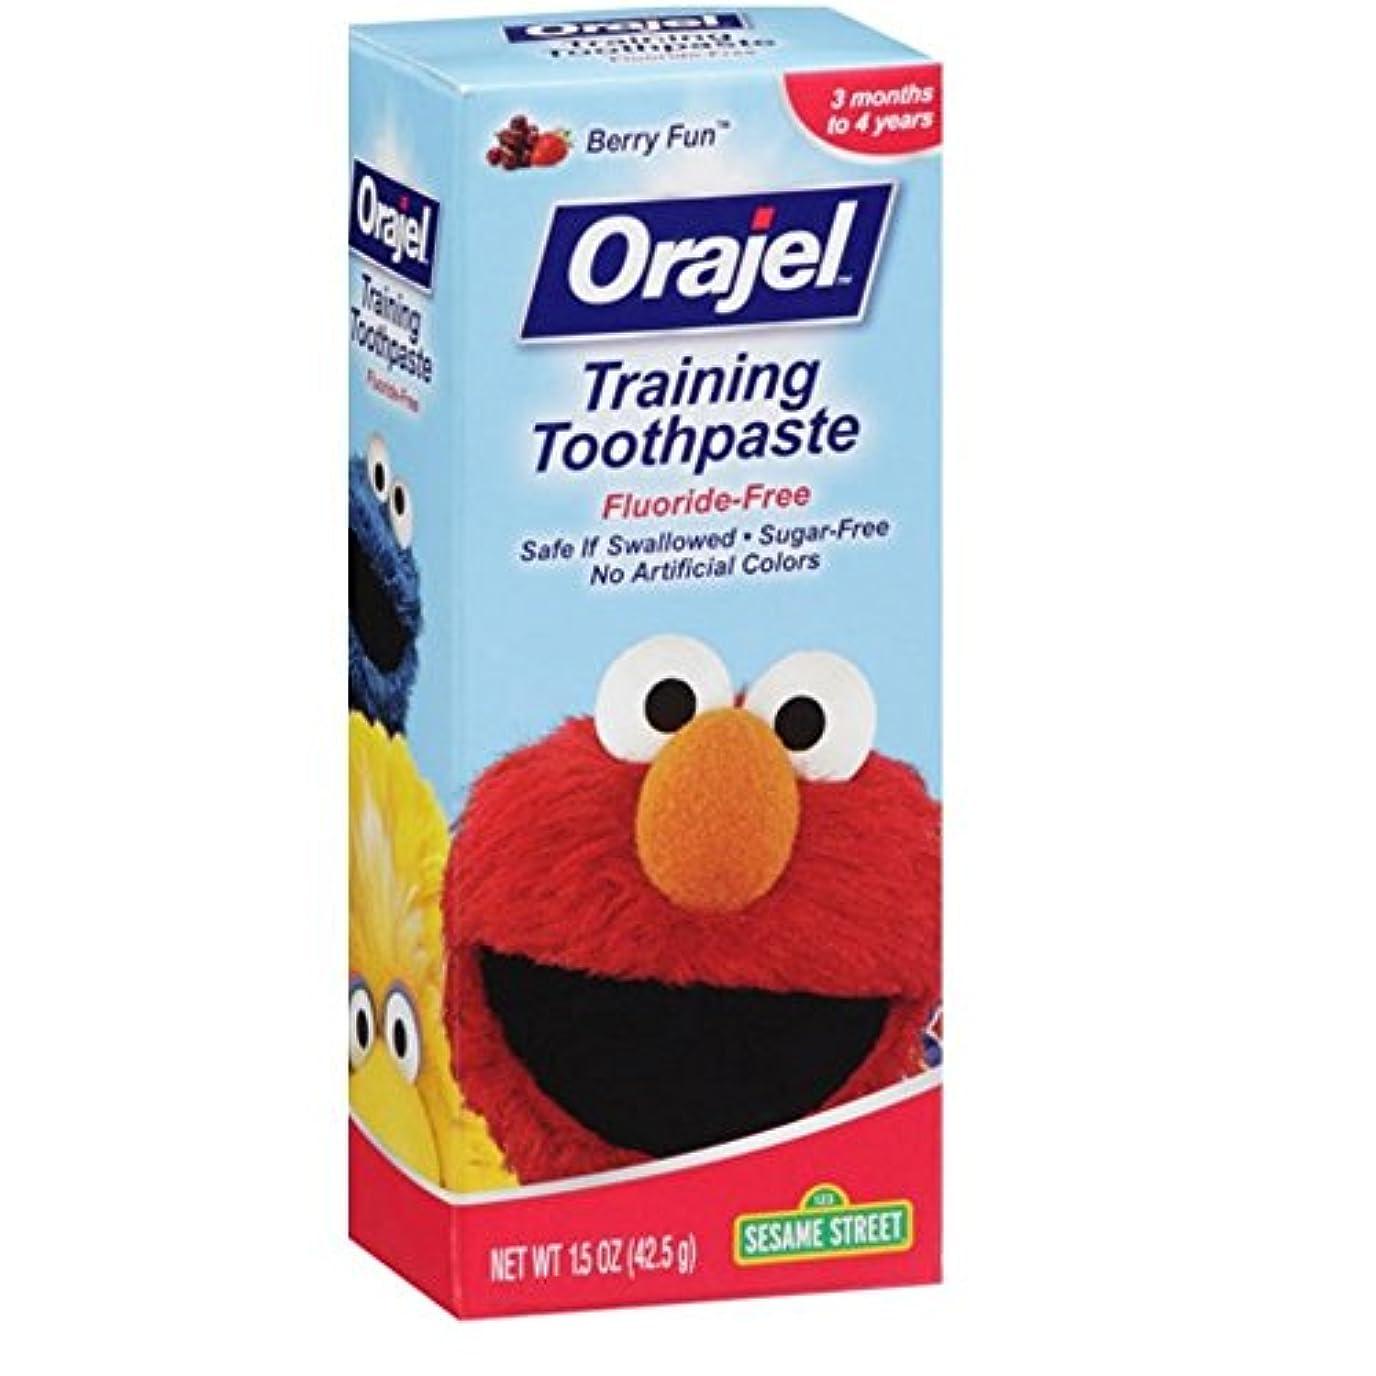 ハイライトはねかける製作Orajel 幼児教育ハミガキベリー楽しい1.50オズ